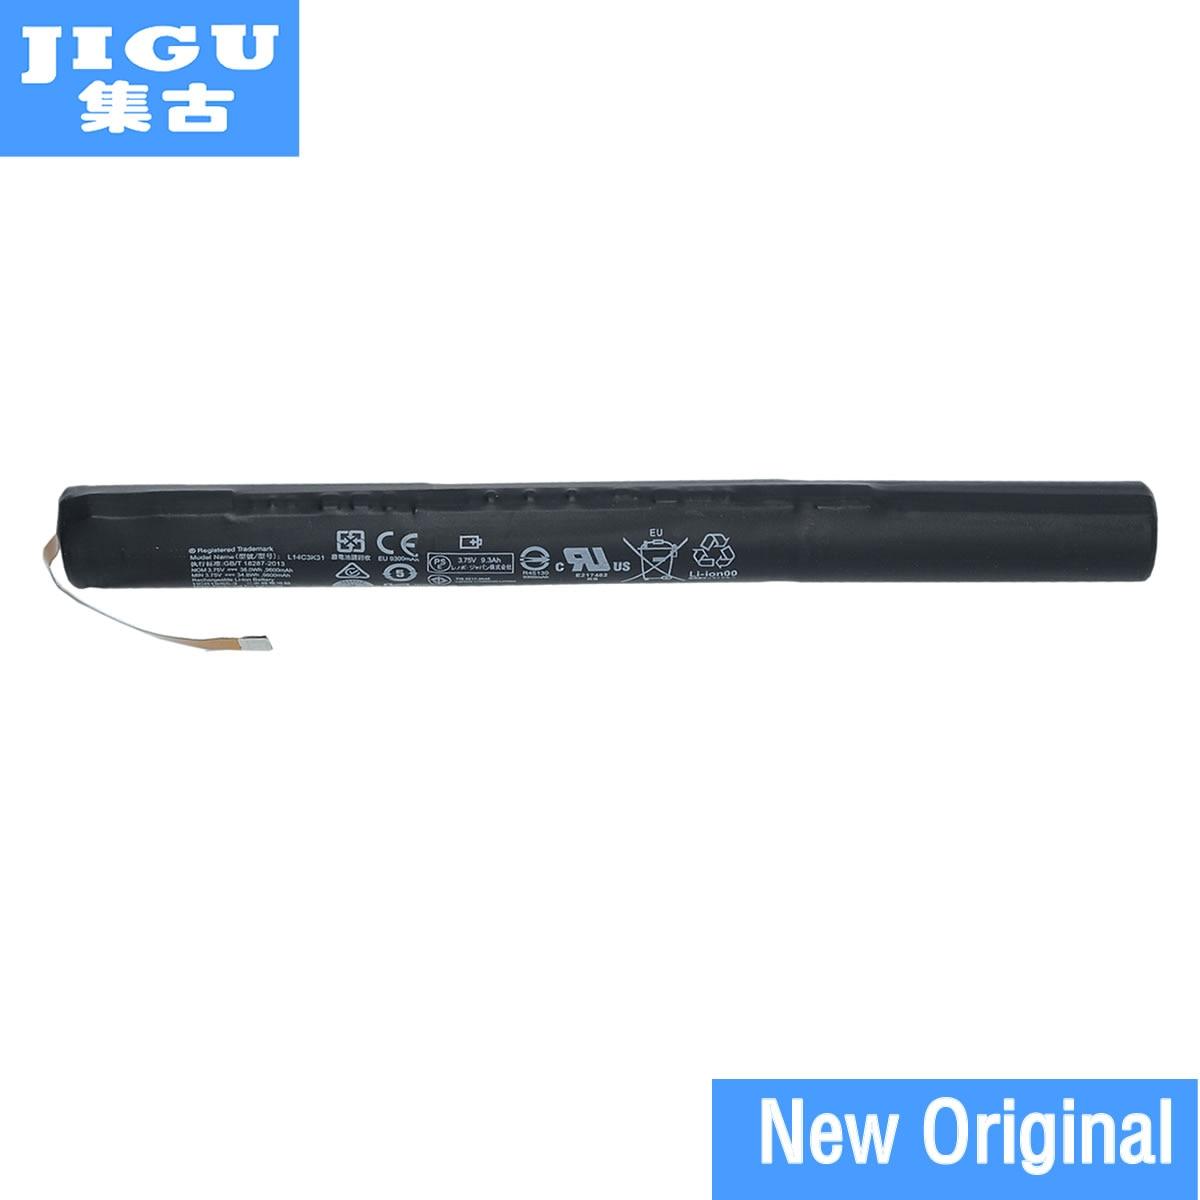 JIGU Original L14C3K31 battery for lenovo YOGA Tablet 2 YT2-1050F YT2-1051F L14d3k31 L14D2K31 batteria batterie AKKU 3.75V original new 45n1097 battery for lenovo thinkpad tablet 2 batteria batteries 3 7v 8 12ah 30wh